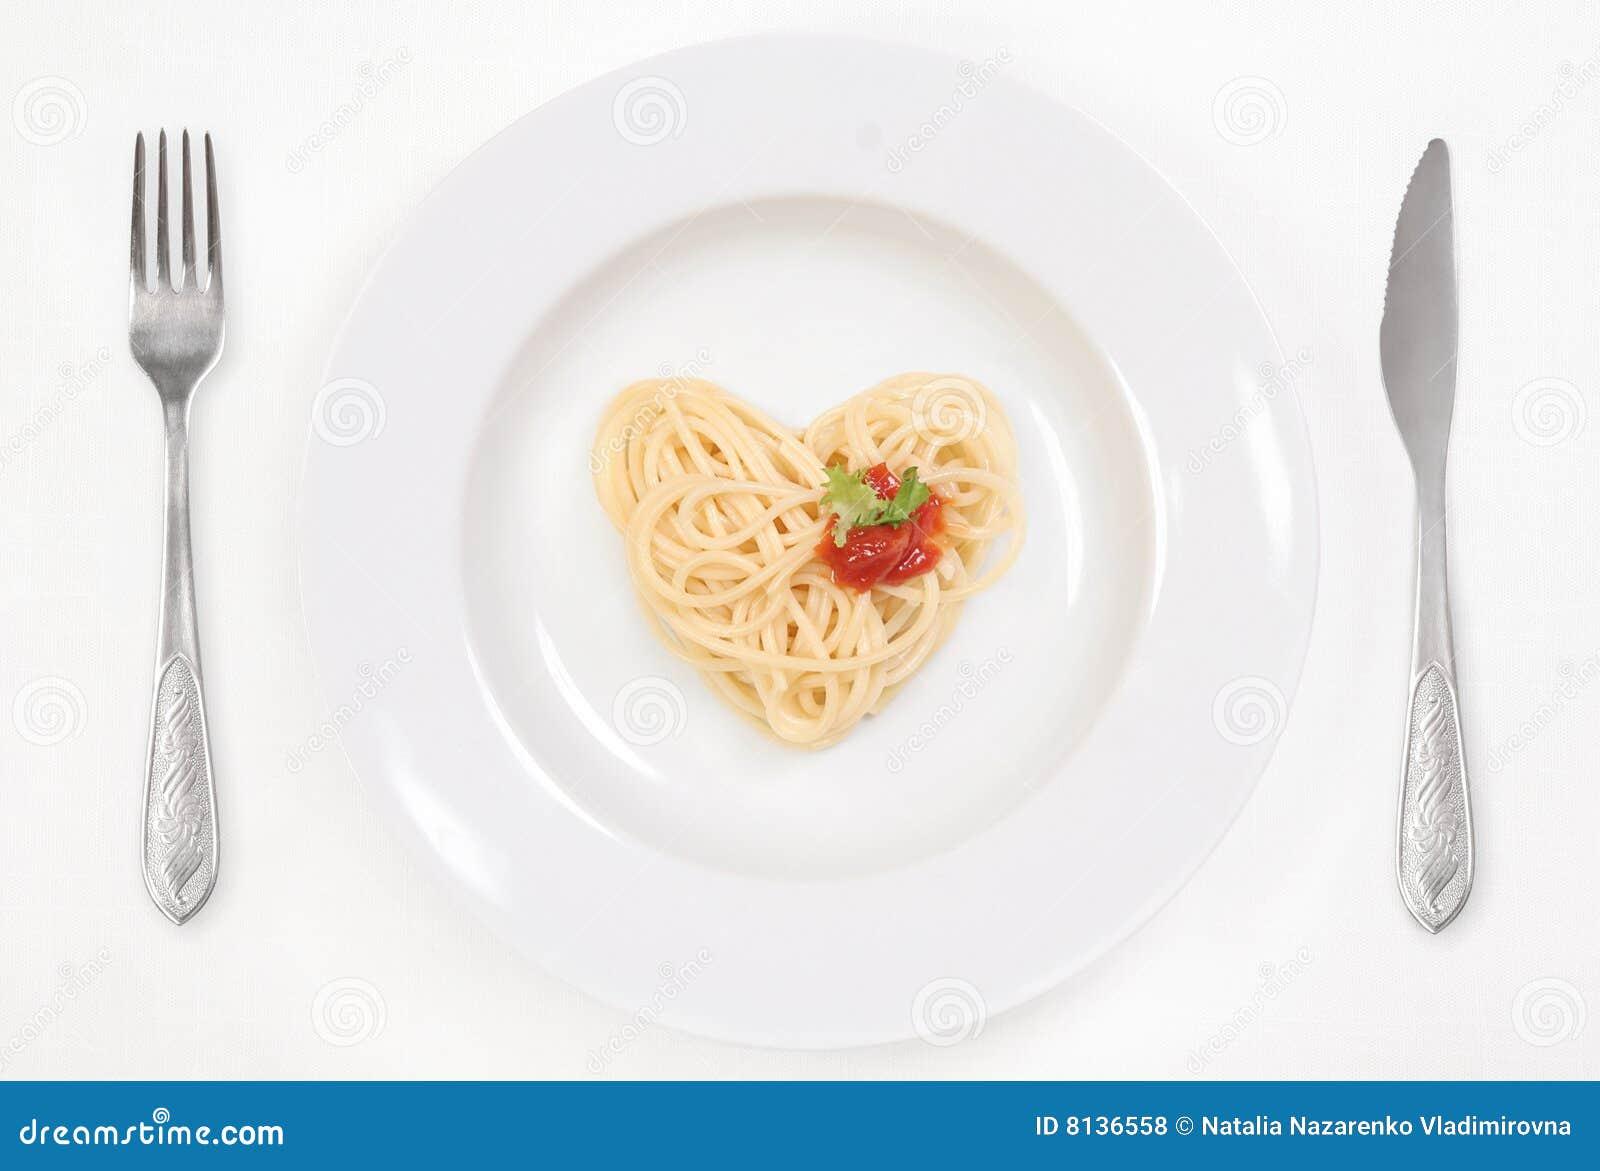 я люблю спагетти